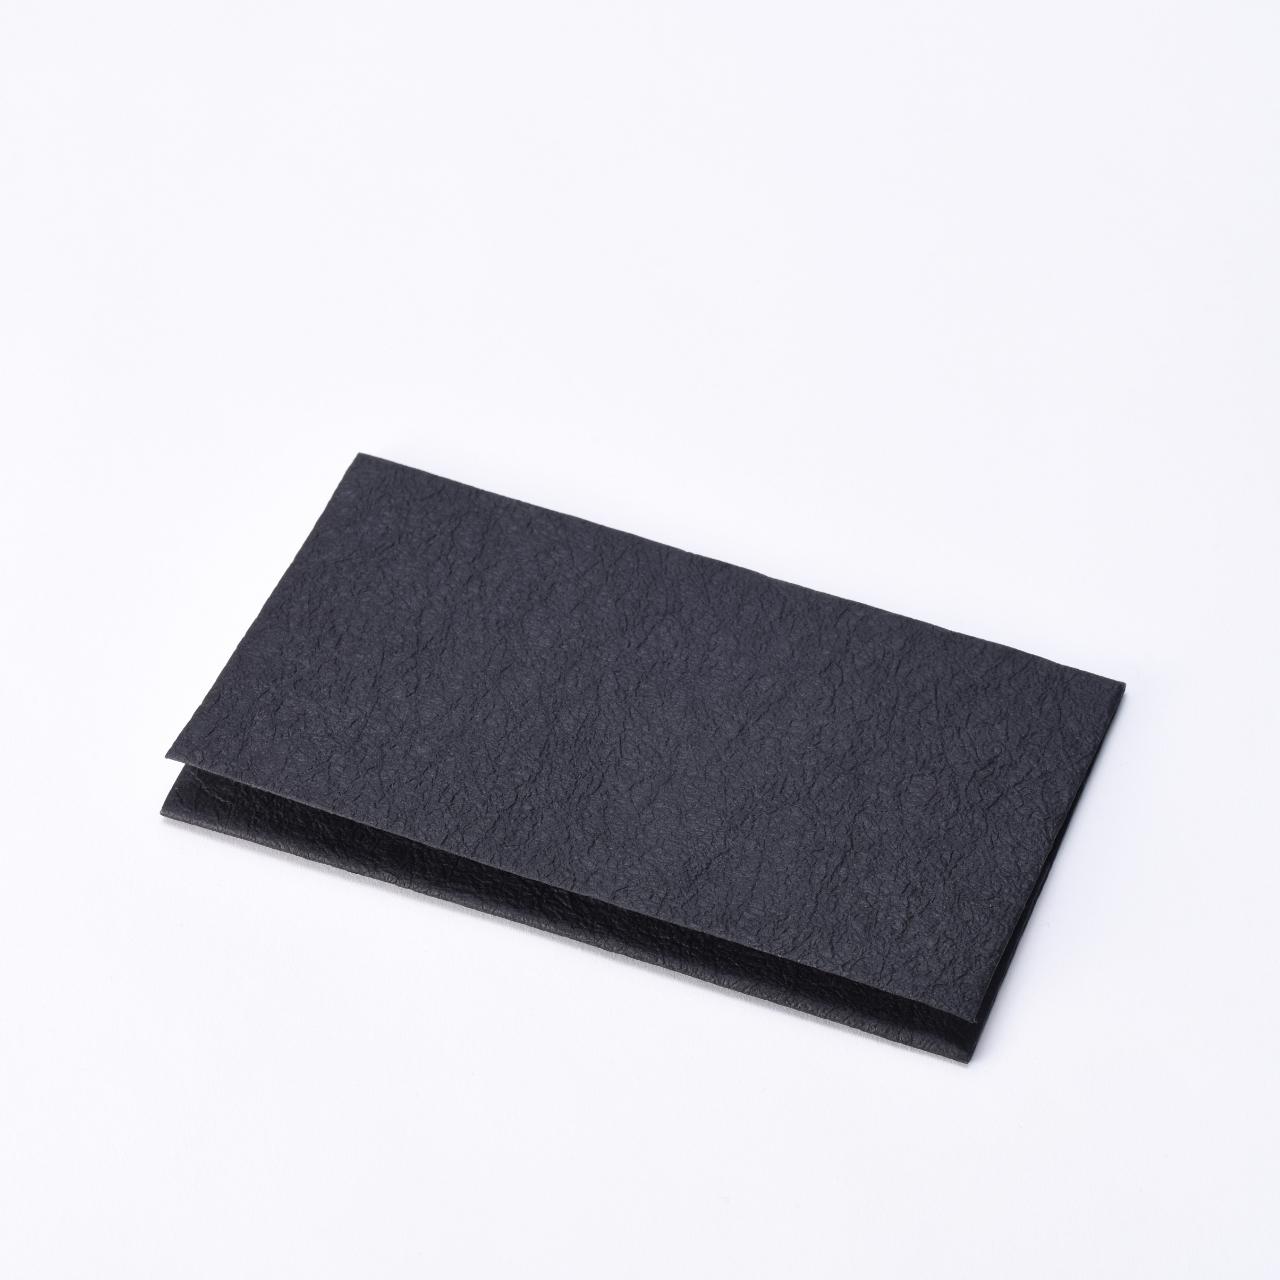 マスクケース(黒)